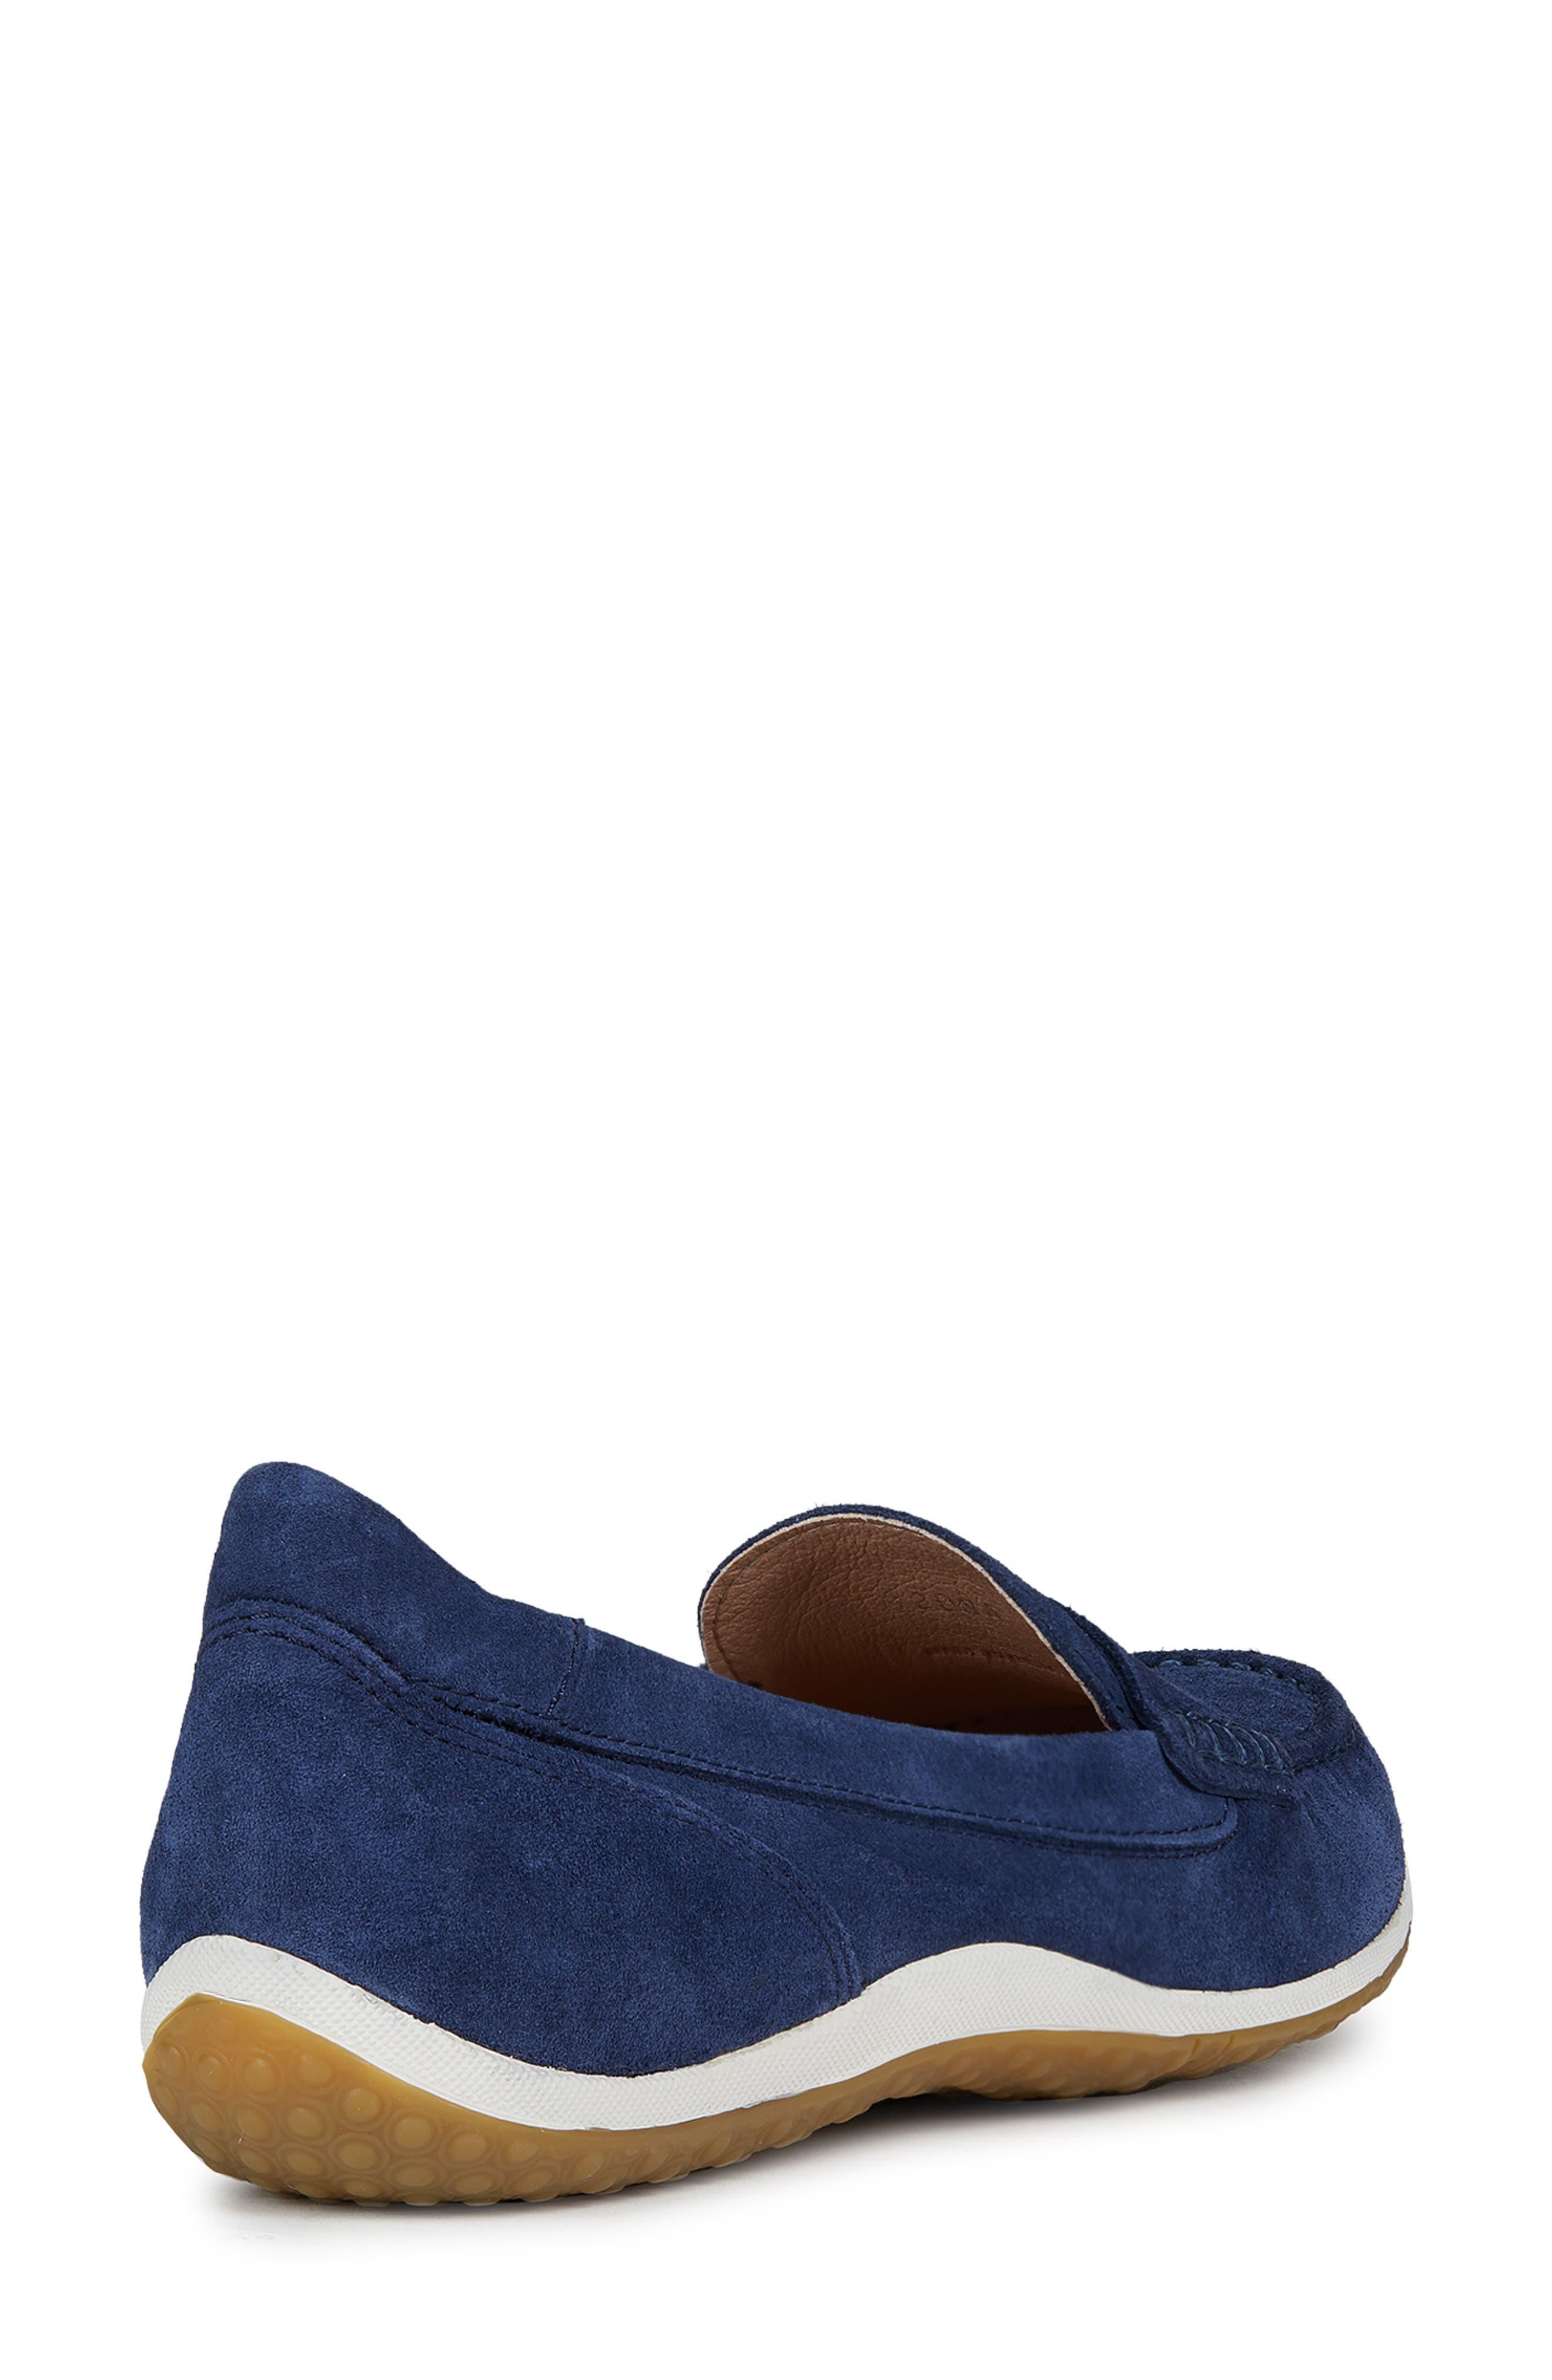 GEOX, Vega Moc Loafer, Alternate thumbnail 7, color, BLUE SUEDE